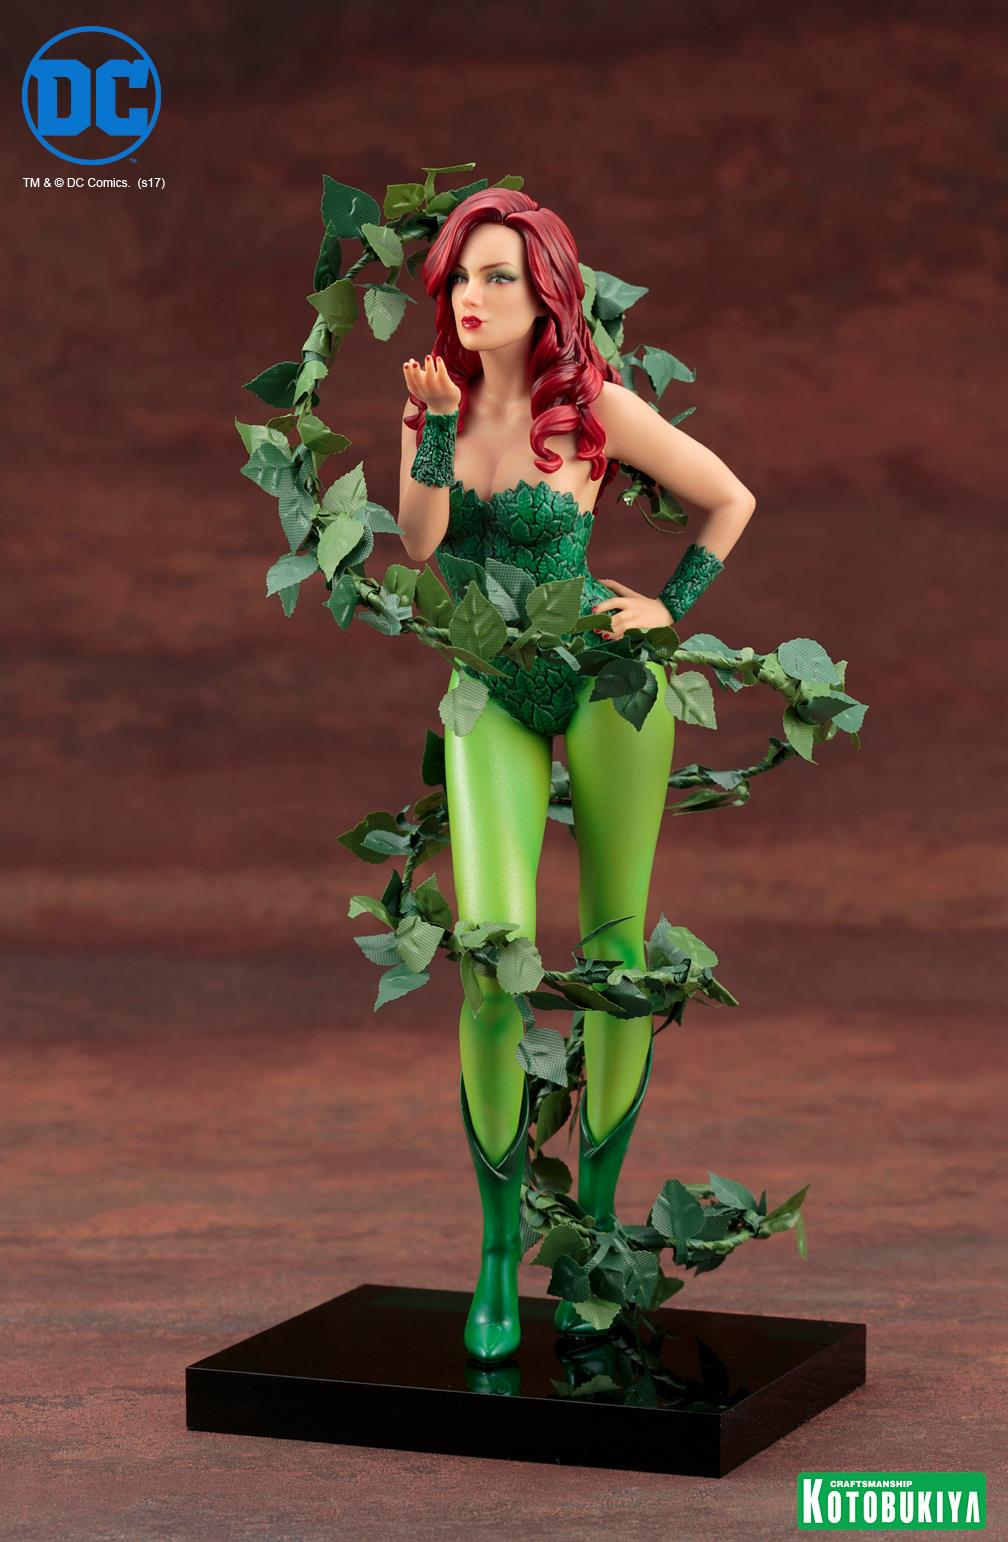 Kotobukiya-Artfx-Poison-Ivy-2 Figurine -  Poison Ivy par Kotobukiya (ArtFX)